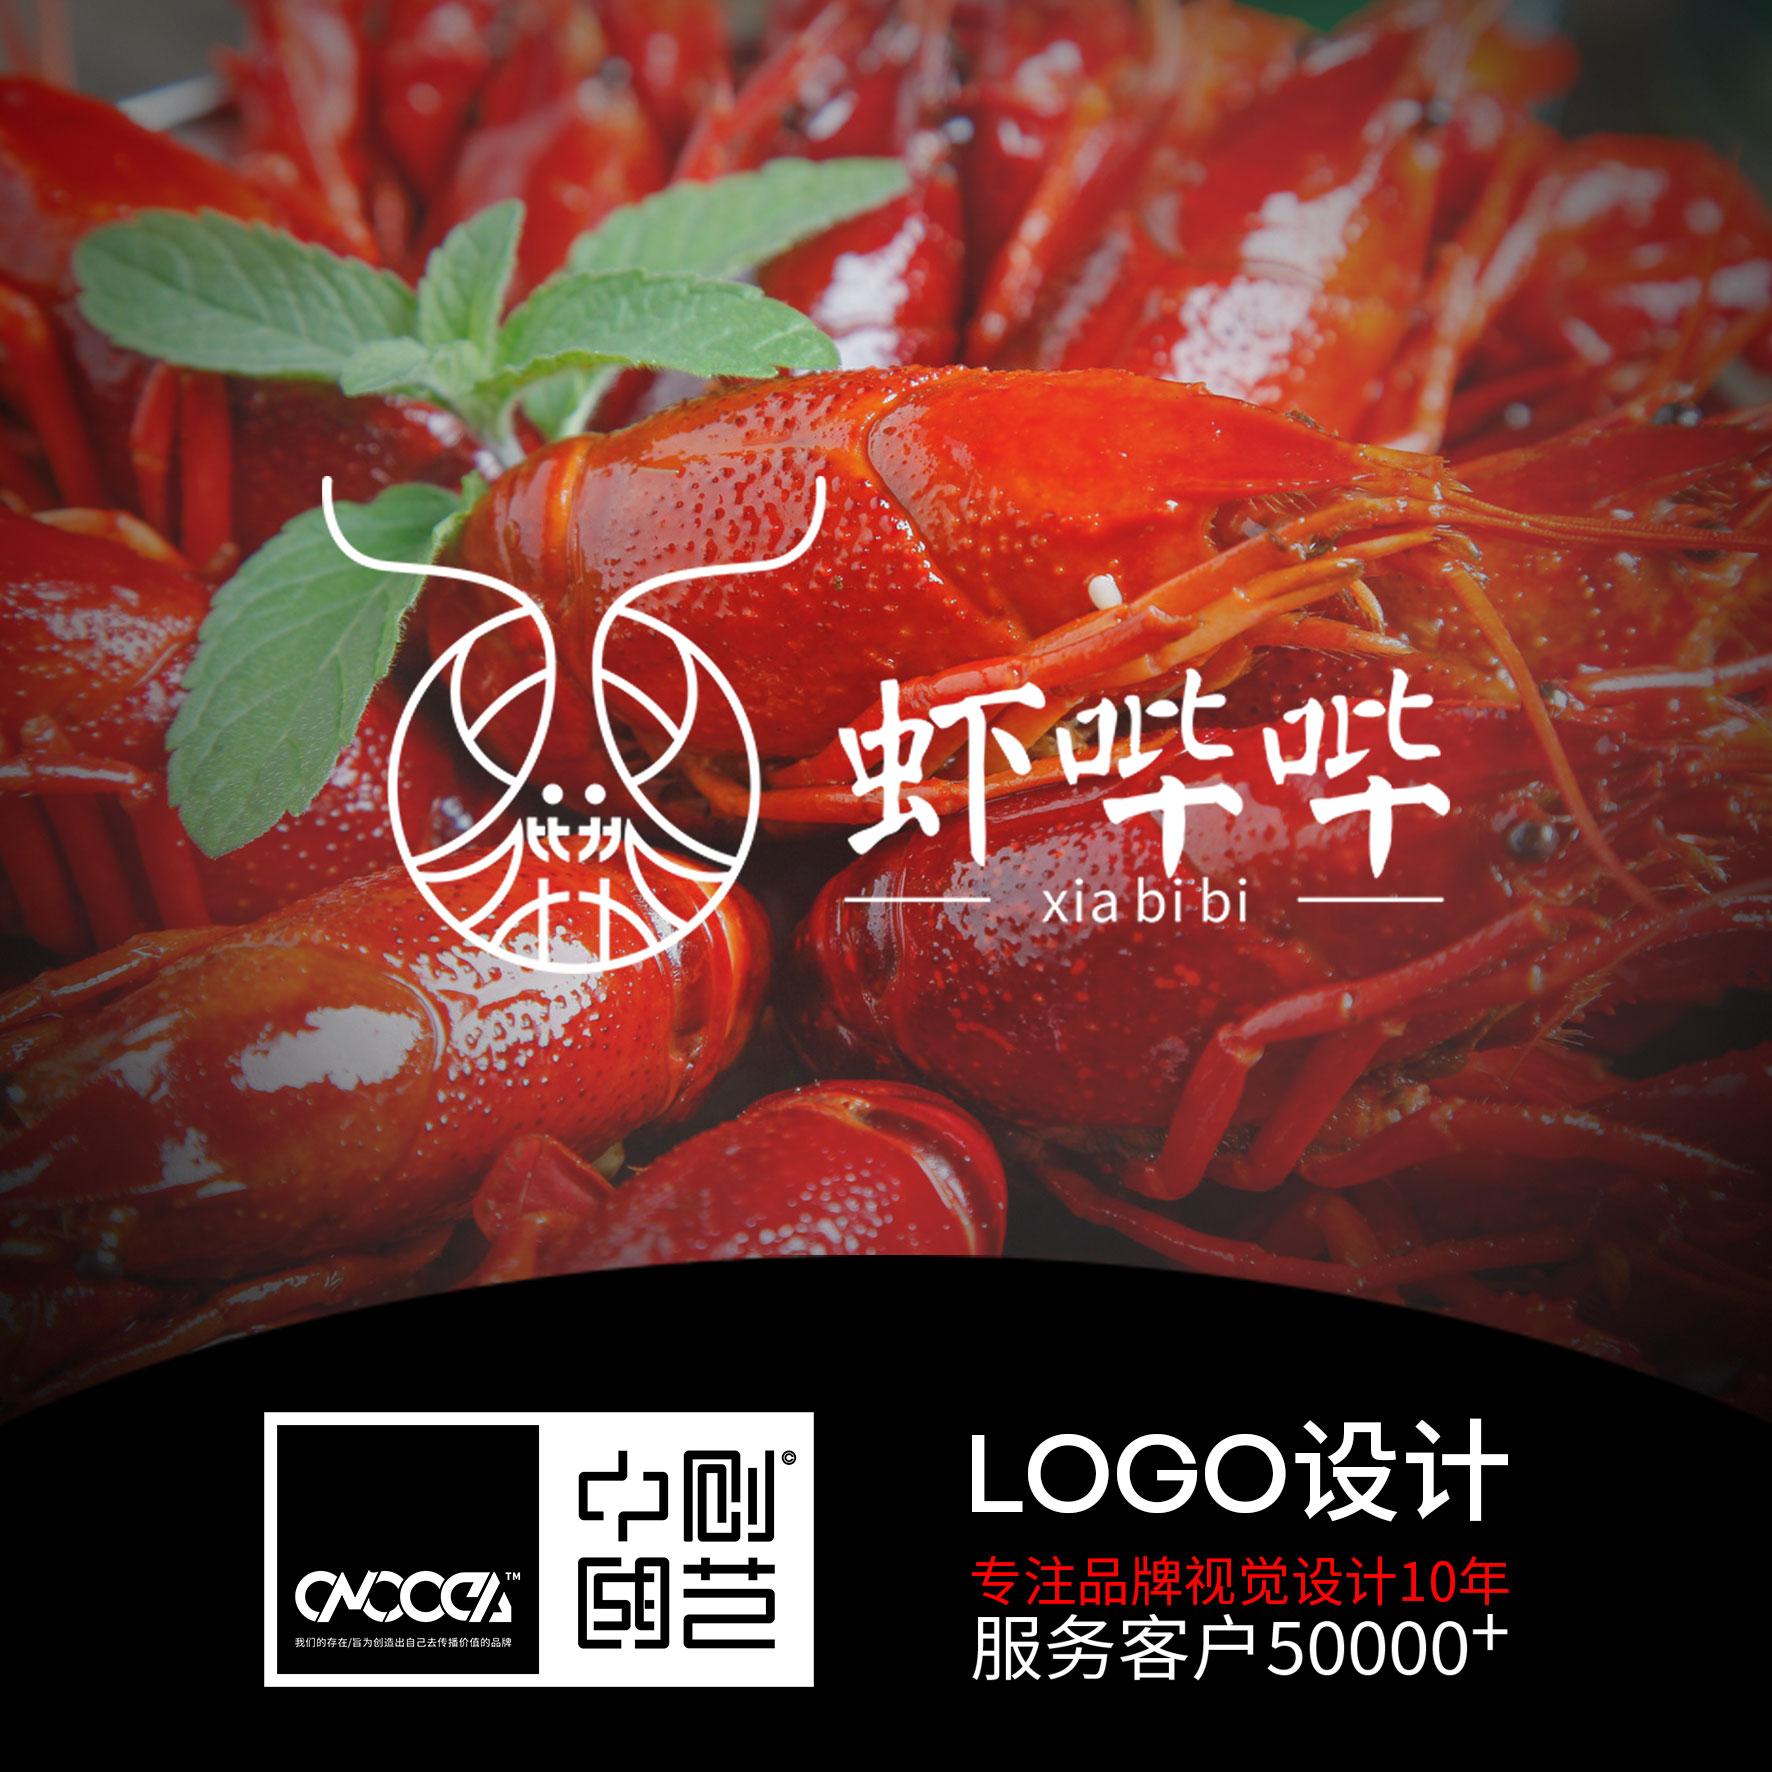 餐饮行业-虾哔哔